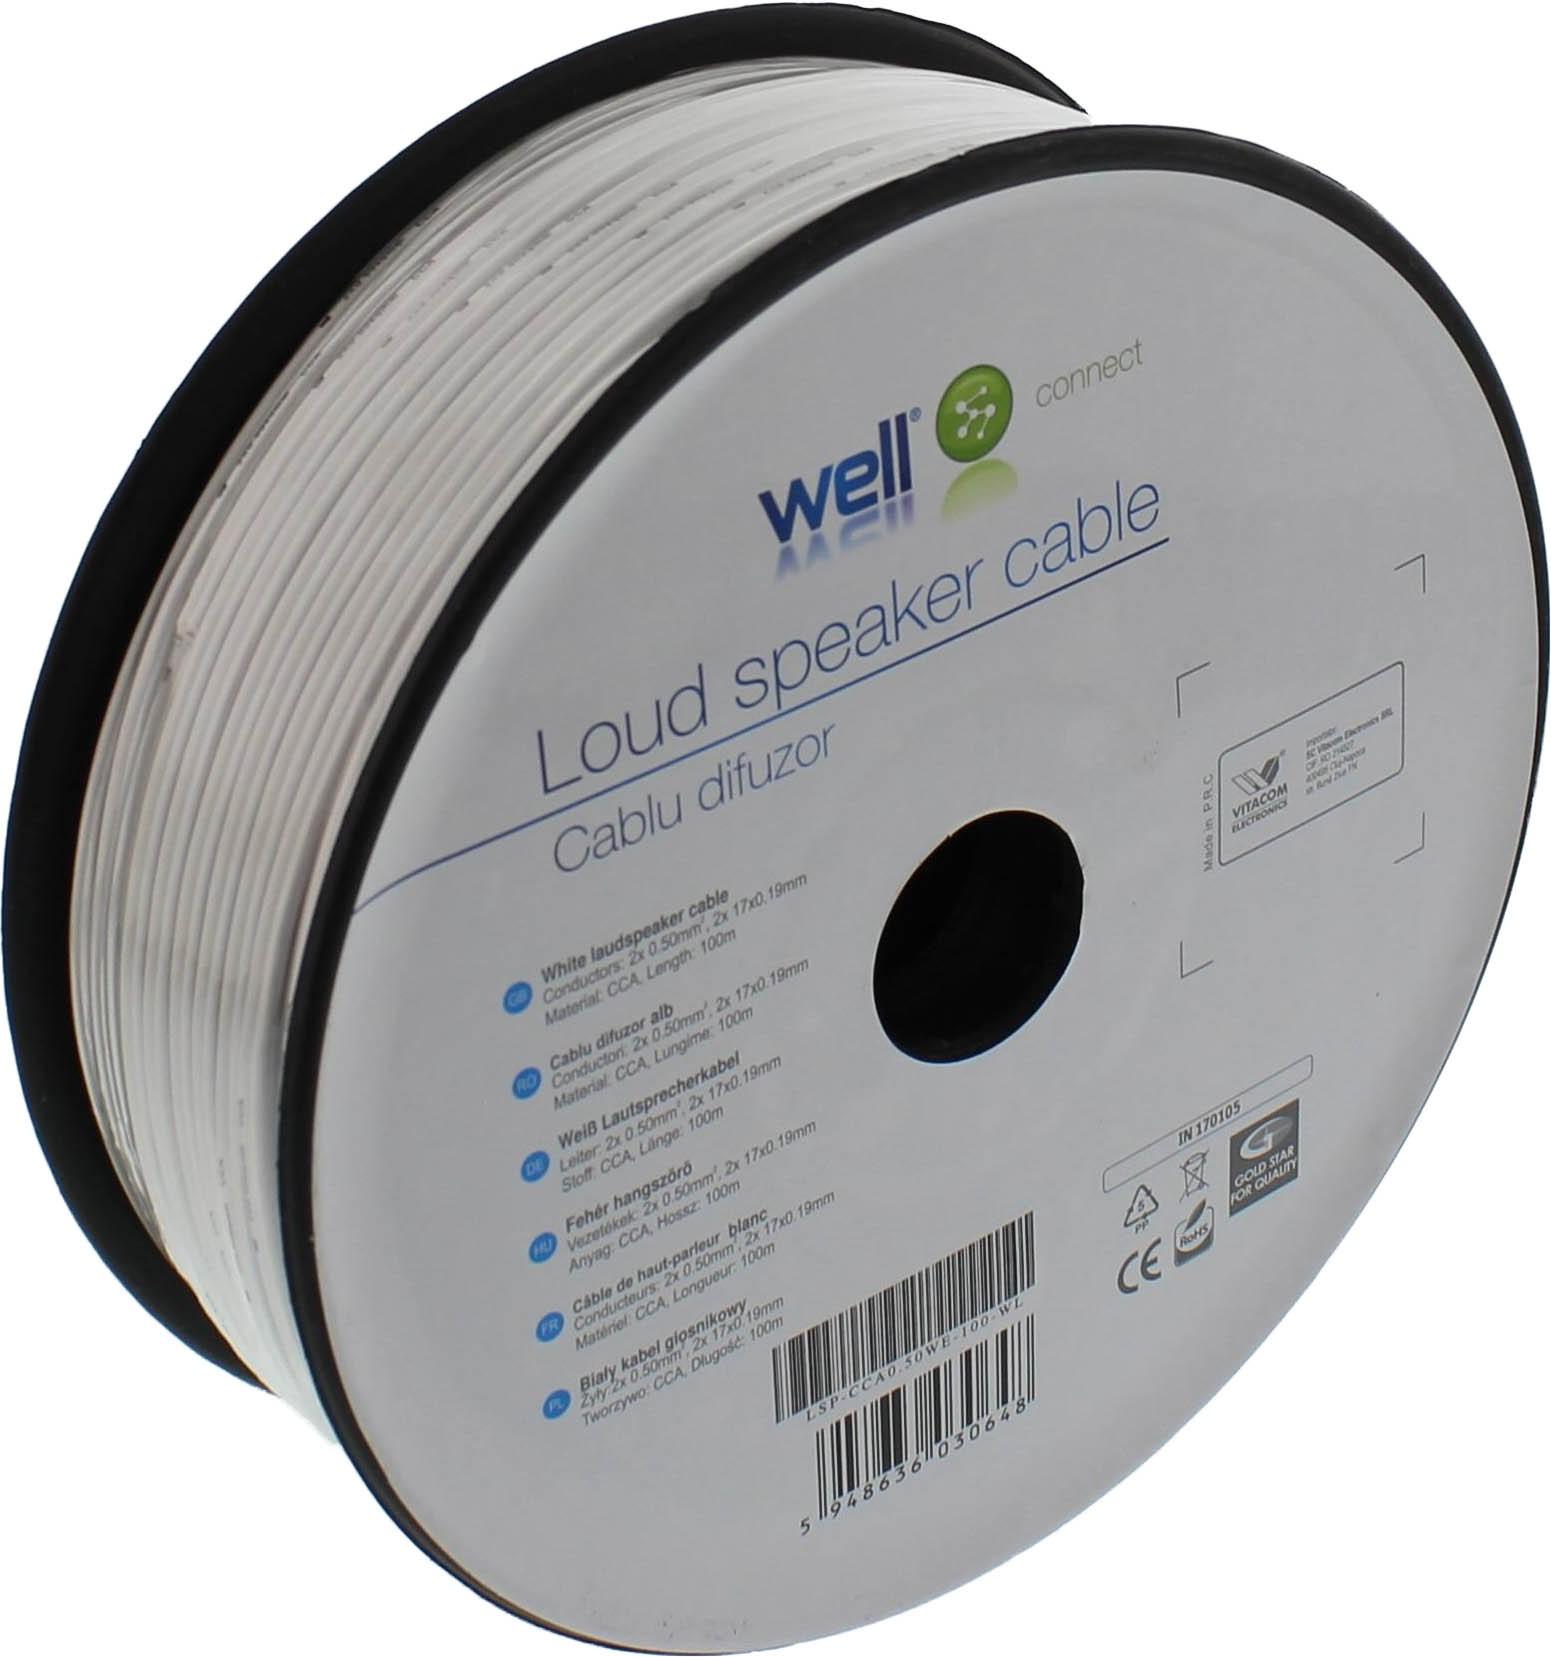 Cablu Difuzor Alb 2×0.50mmp, 100m, Well